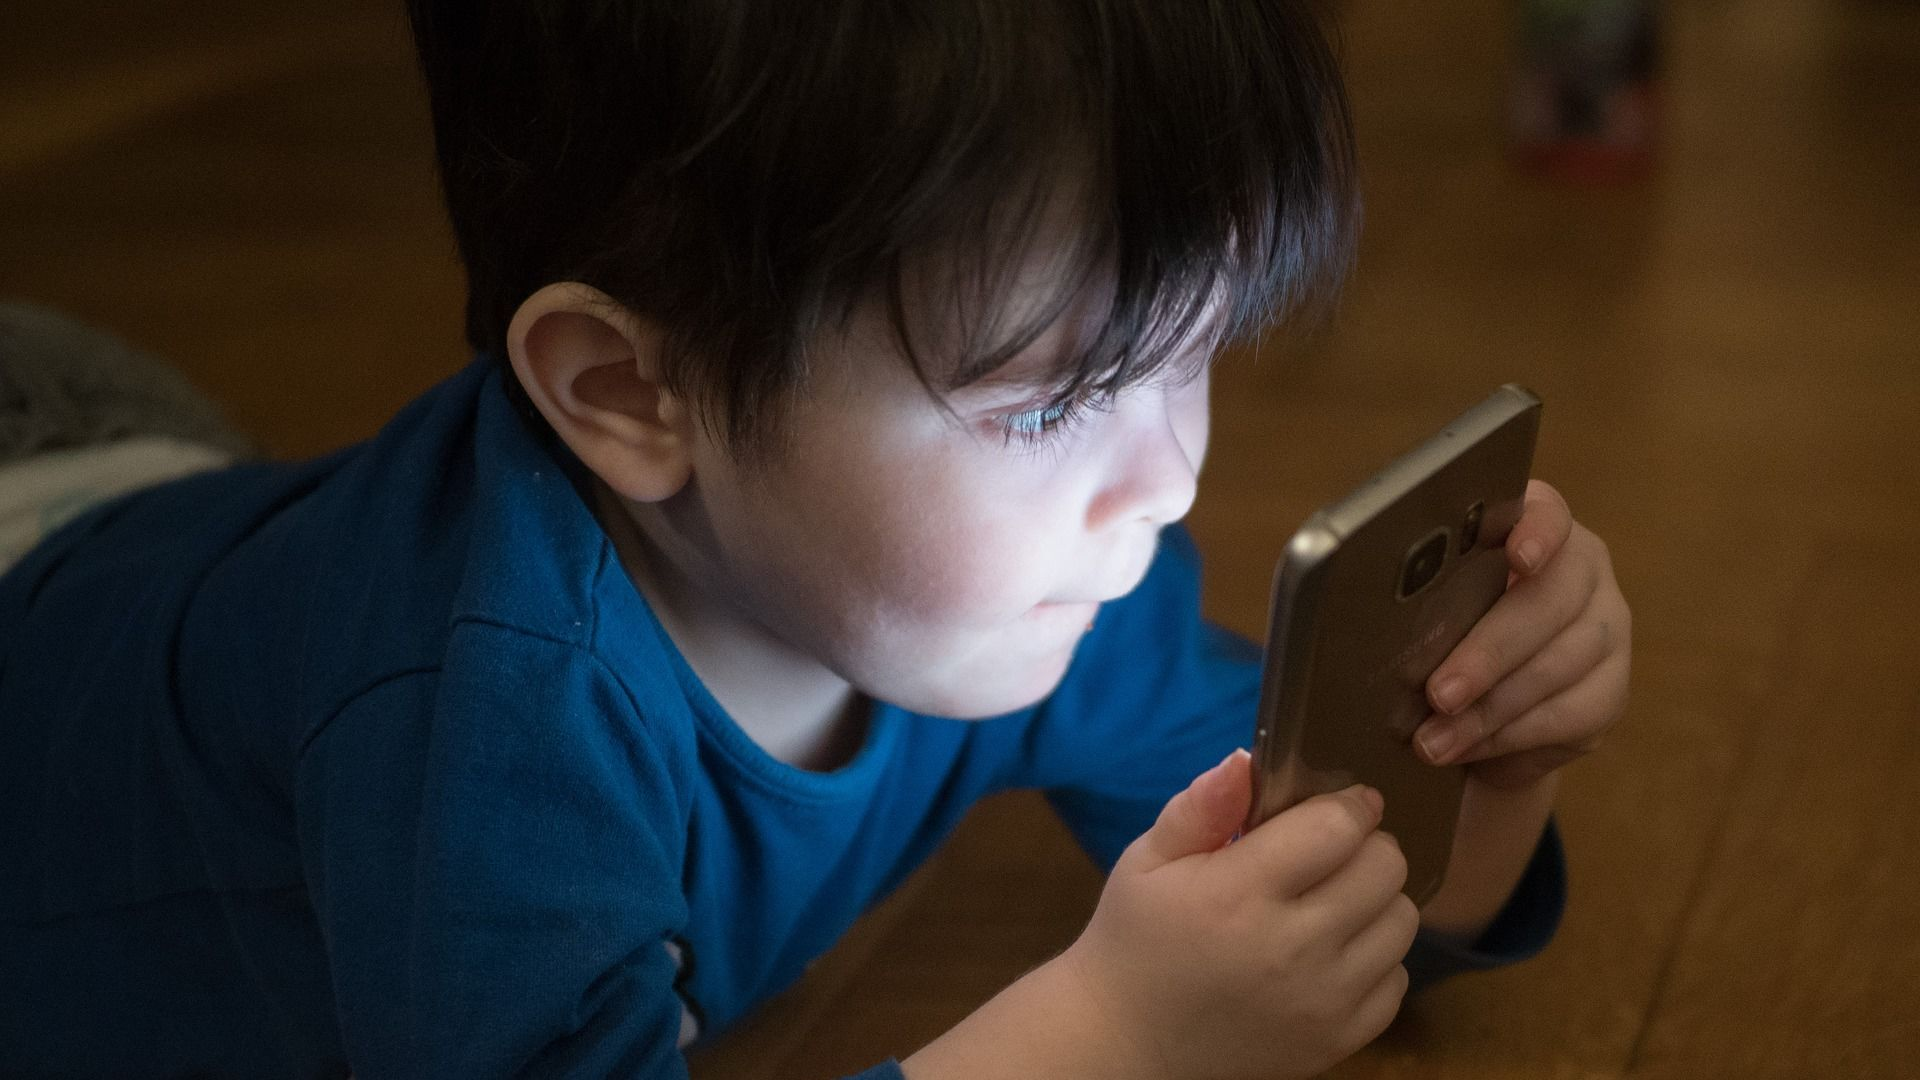 Ребенок с мобильным телефоном - Sputnik Беларусь, 1920, 20.09.2021